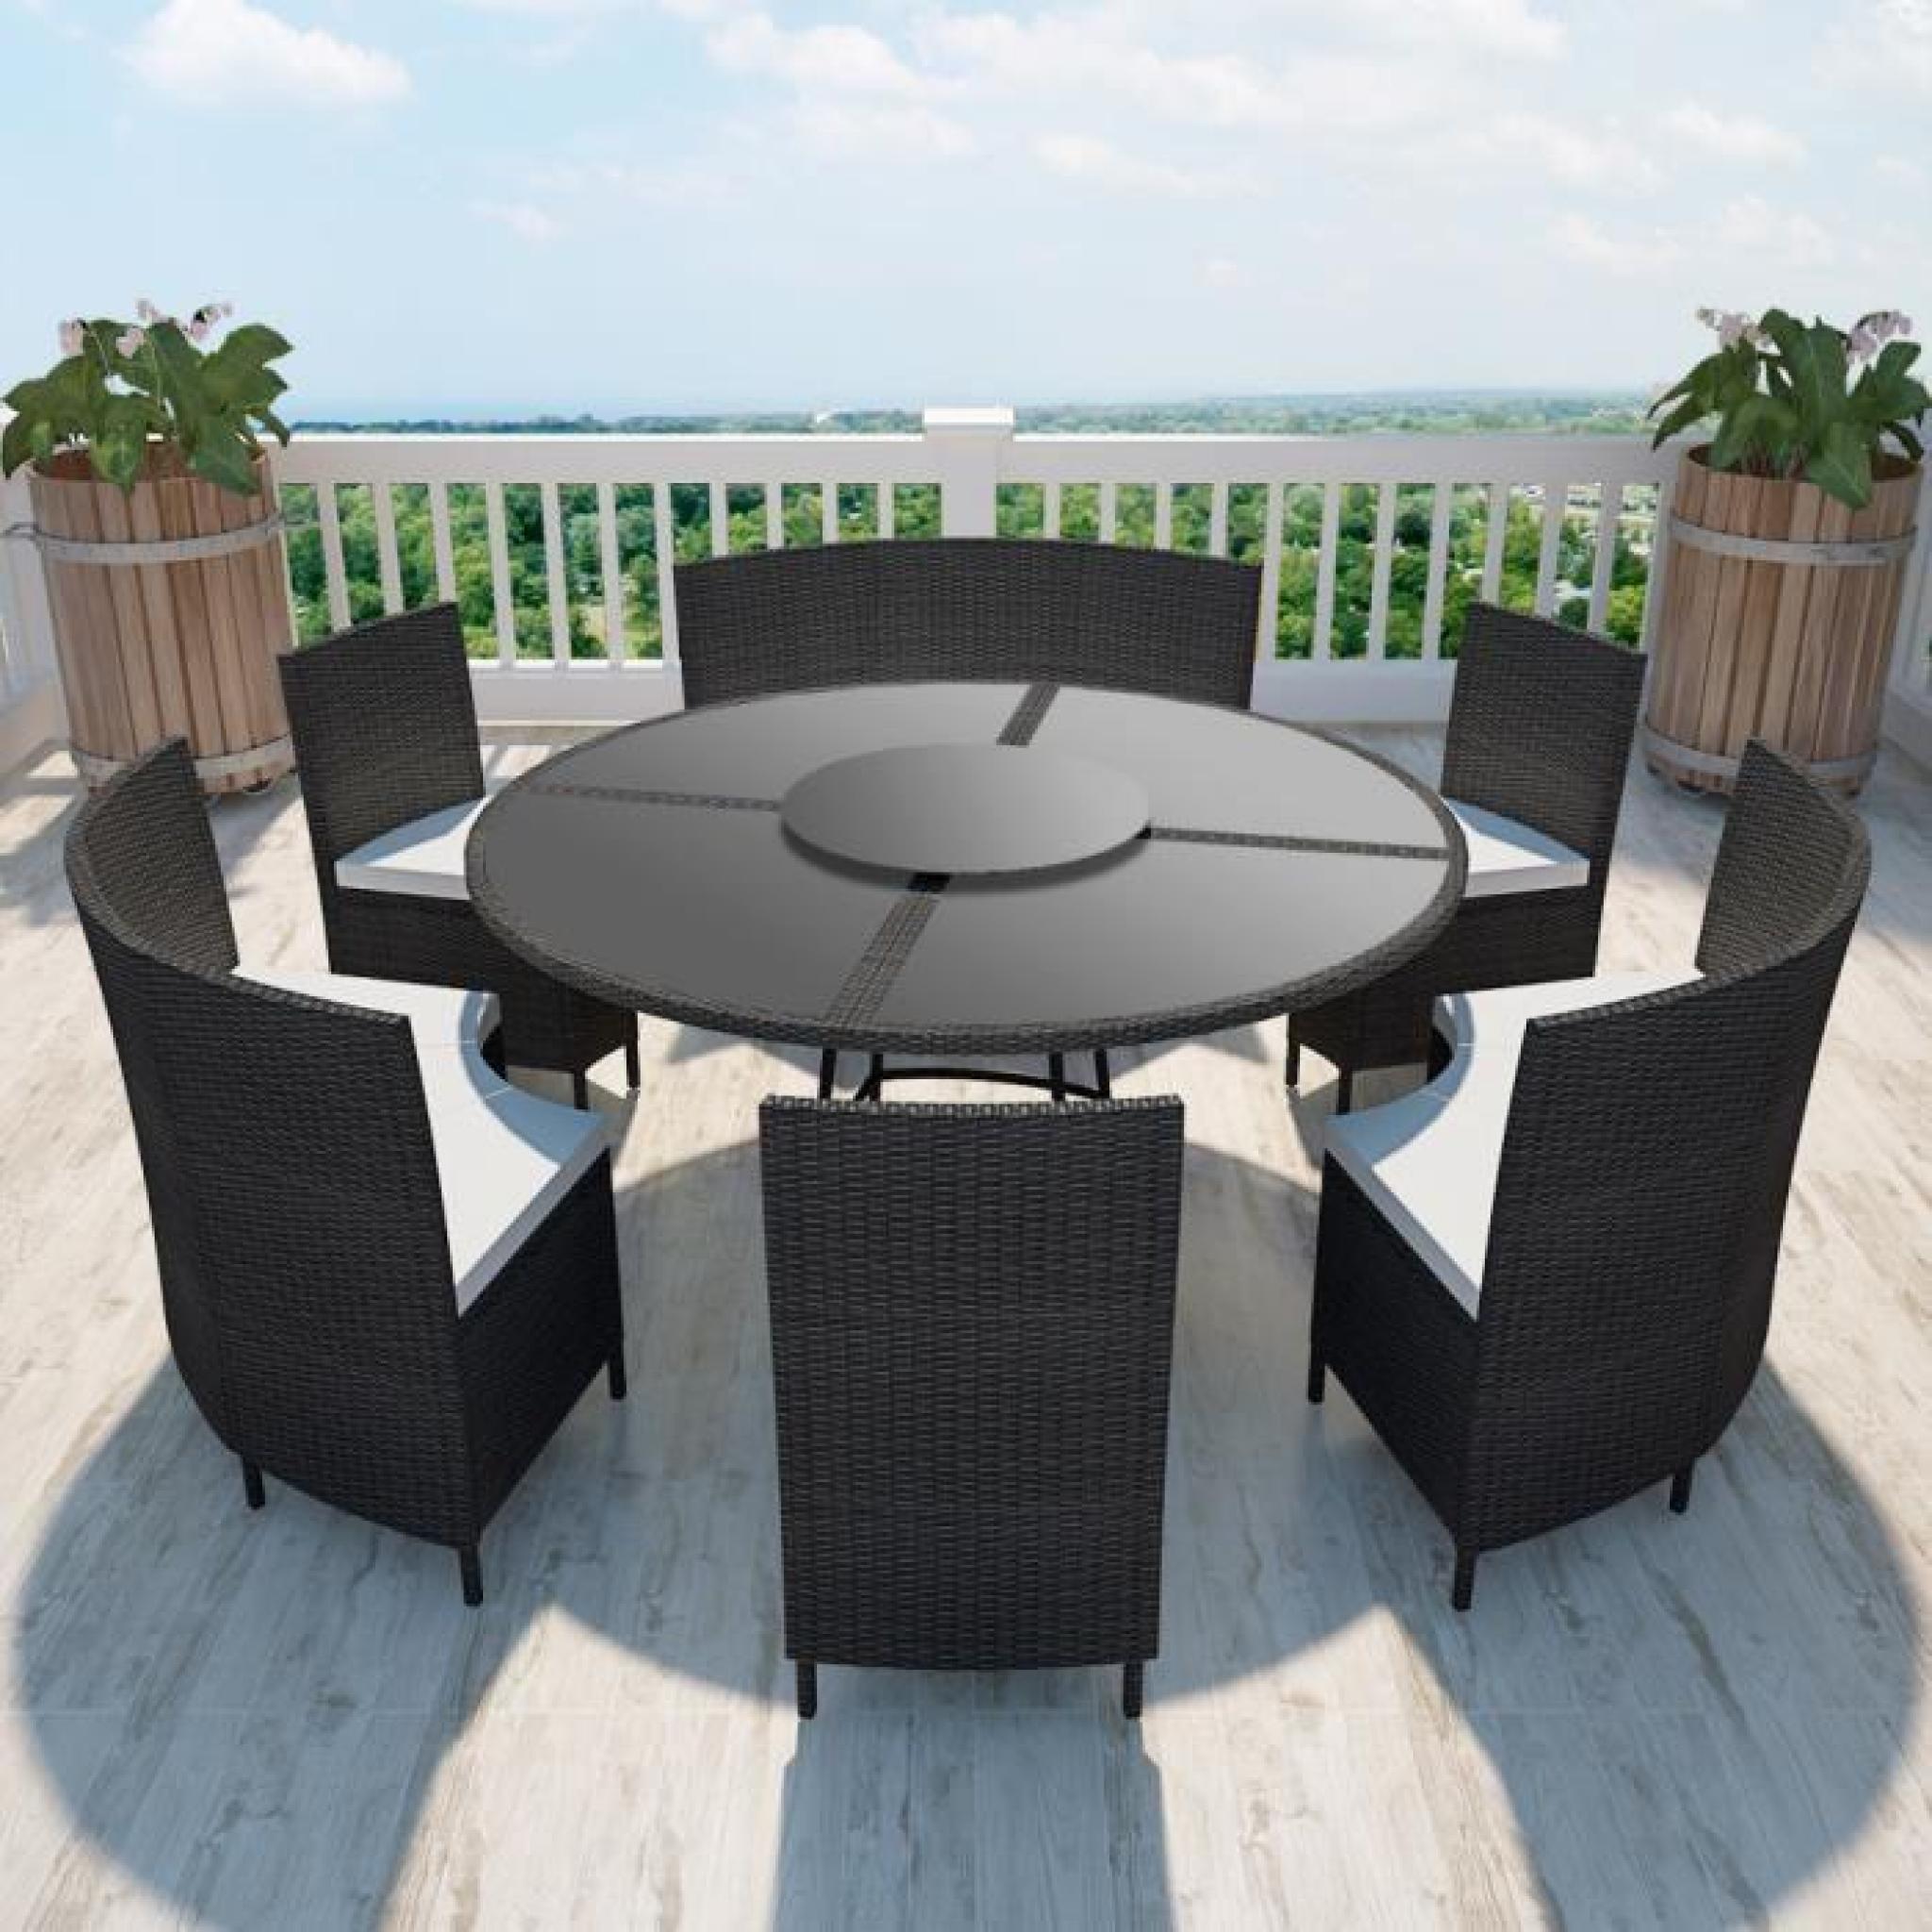 salon de jardin noir en polyrotin table ronde et chaises 12 pers achat vente ensemble de. Black Bedroom Furniture Sets. Home Design Ideas